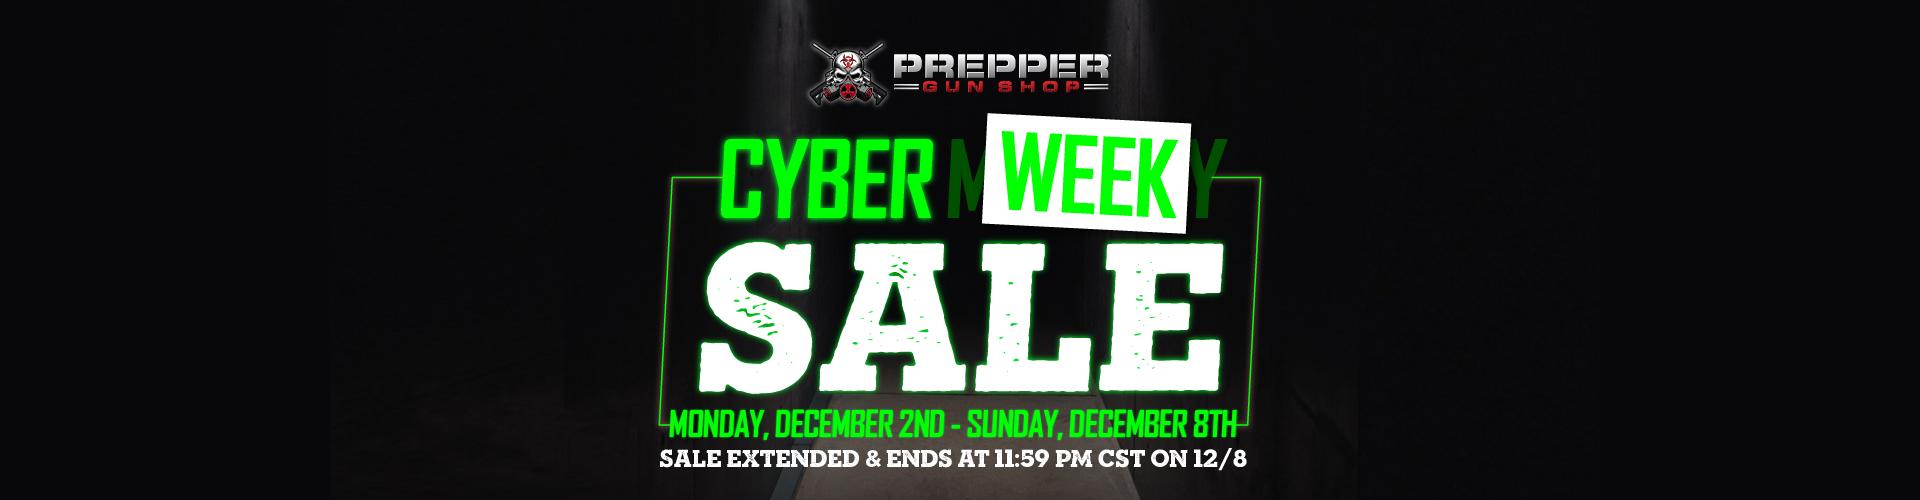 Cyber Week Sale 2019!